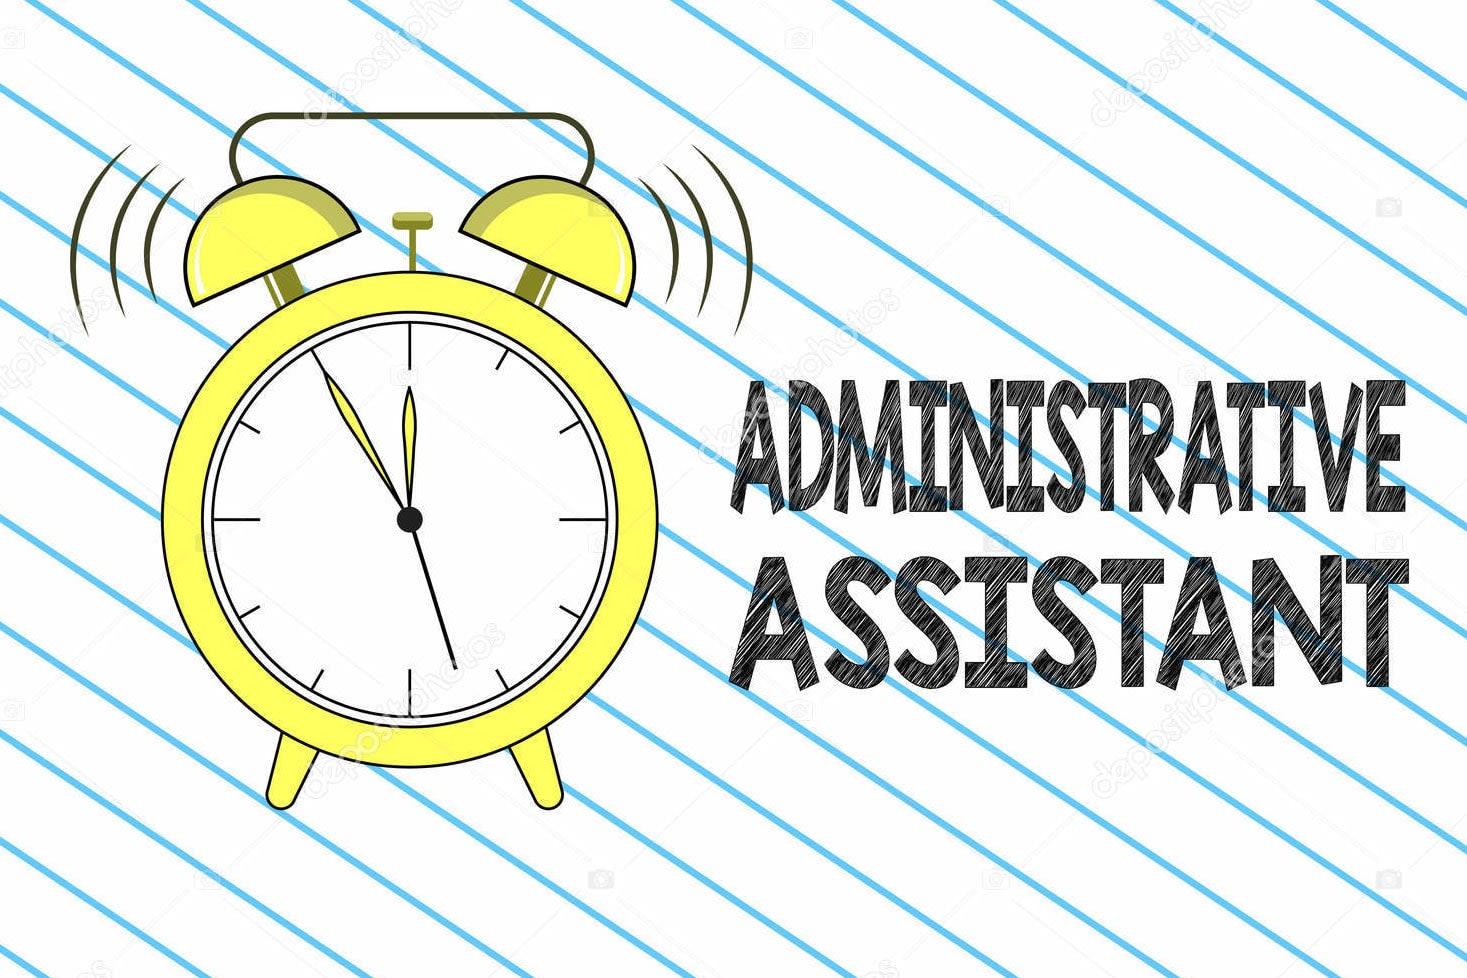 Portfolio for Administration, Operations